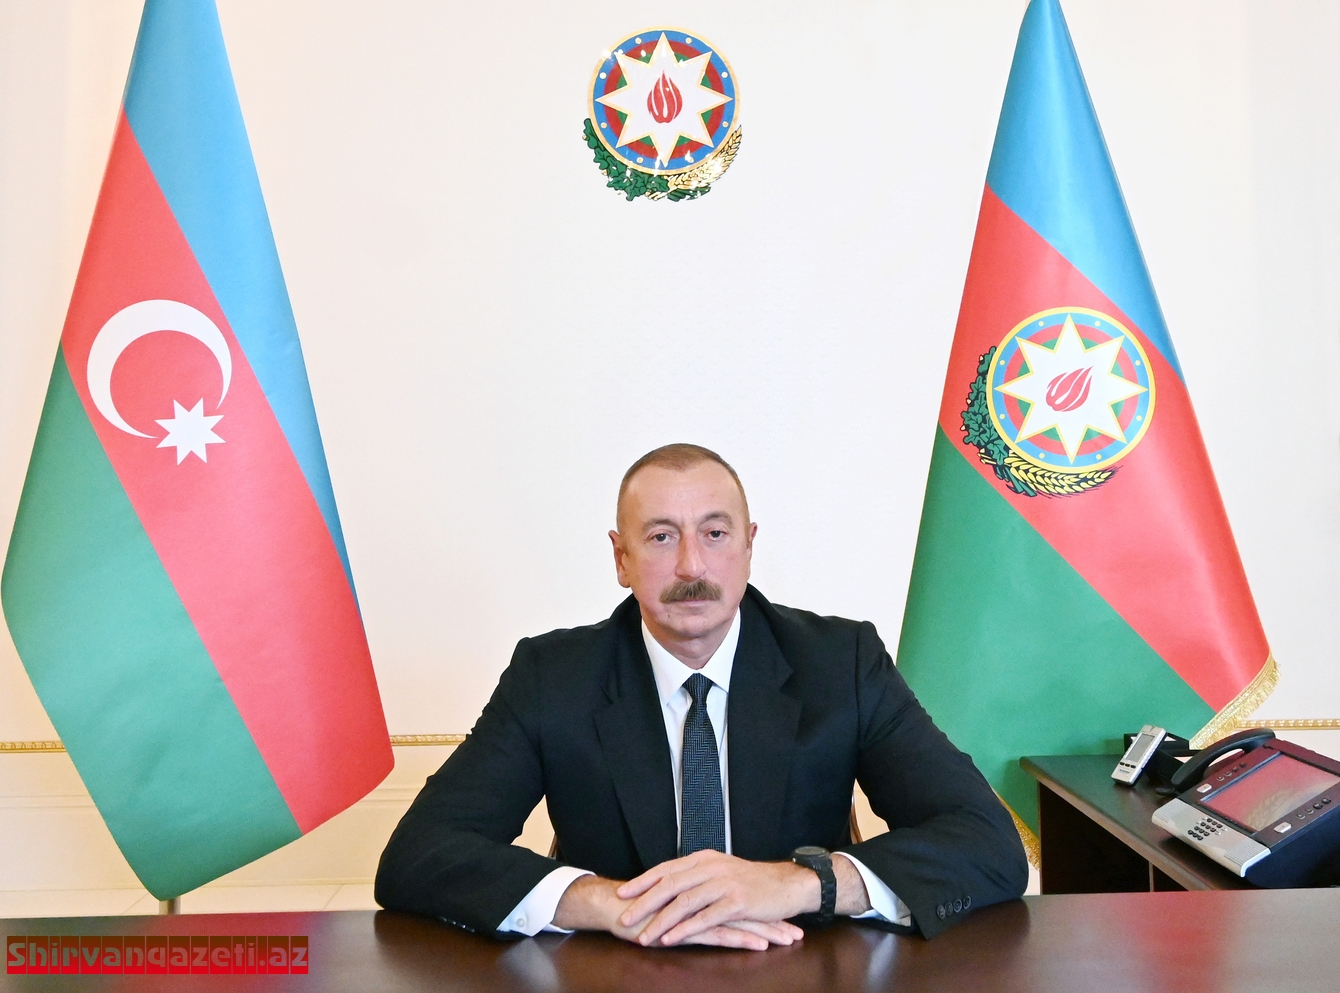 Azərbaycan haqq yolundadır